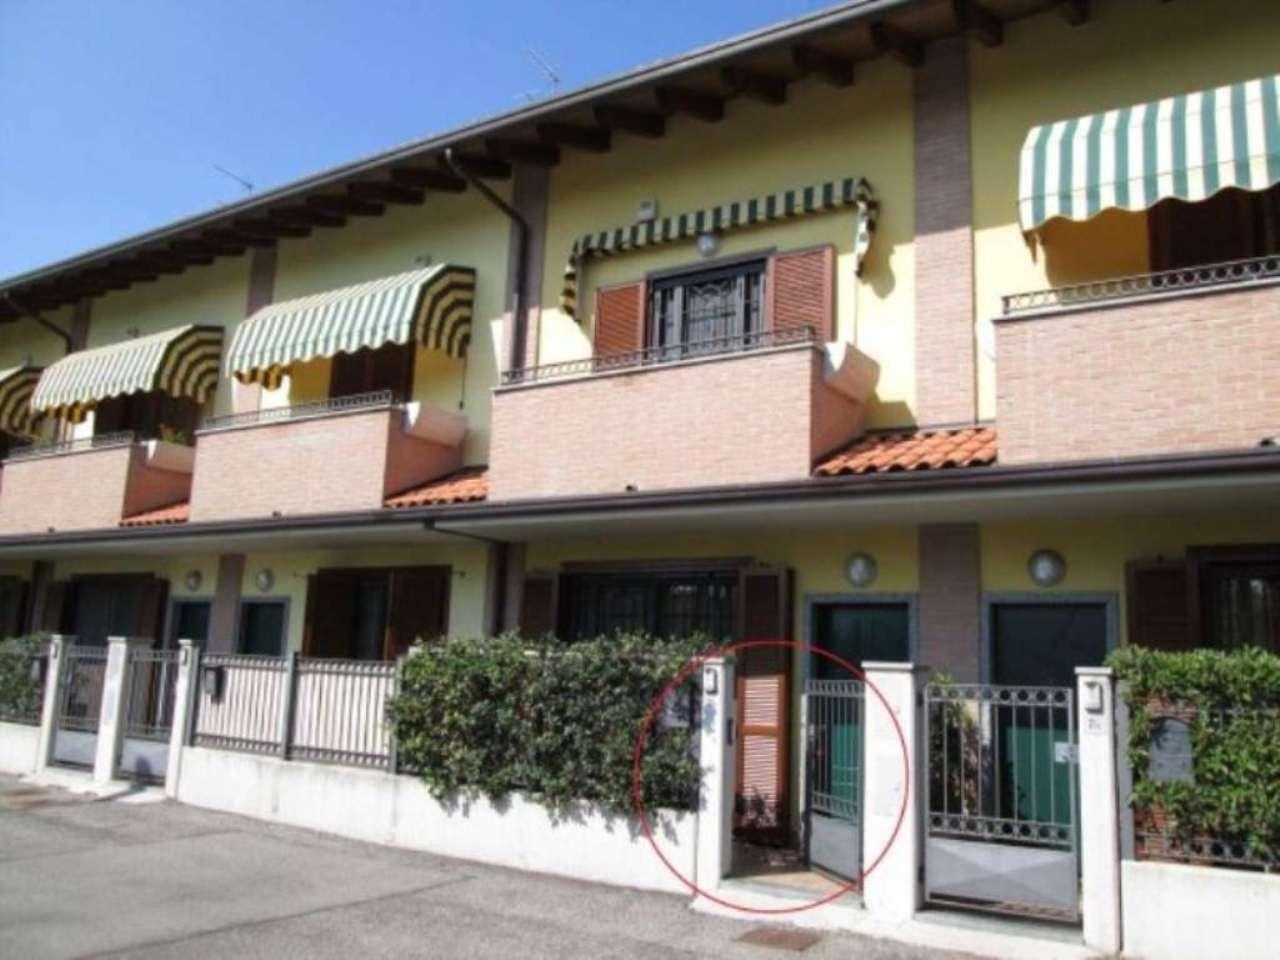 Soluzione Indipendente in vendita a Cesano Maderno, 4 locali, prezzo € 275.000 | Cambio Casa.it